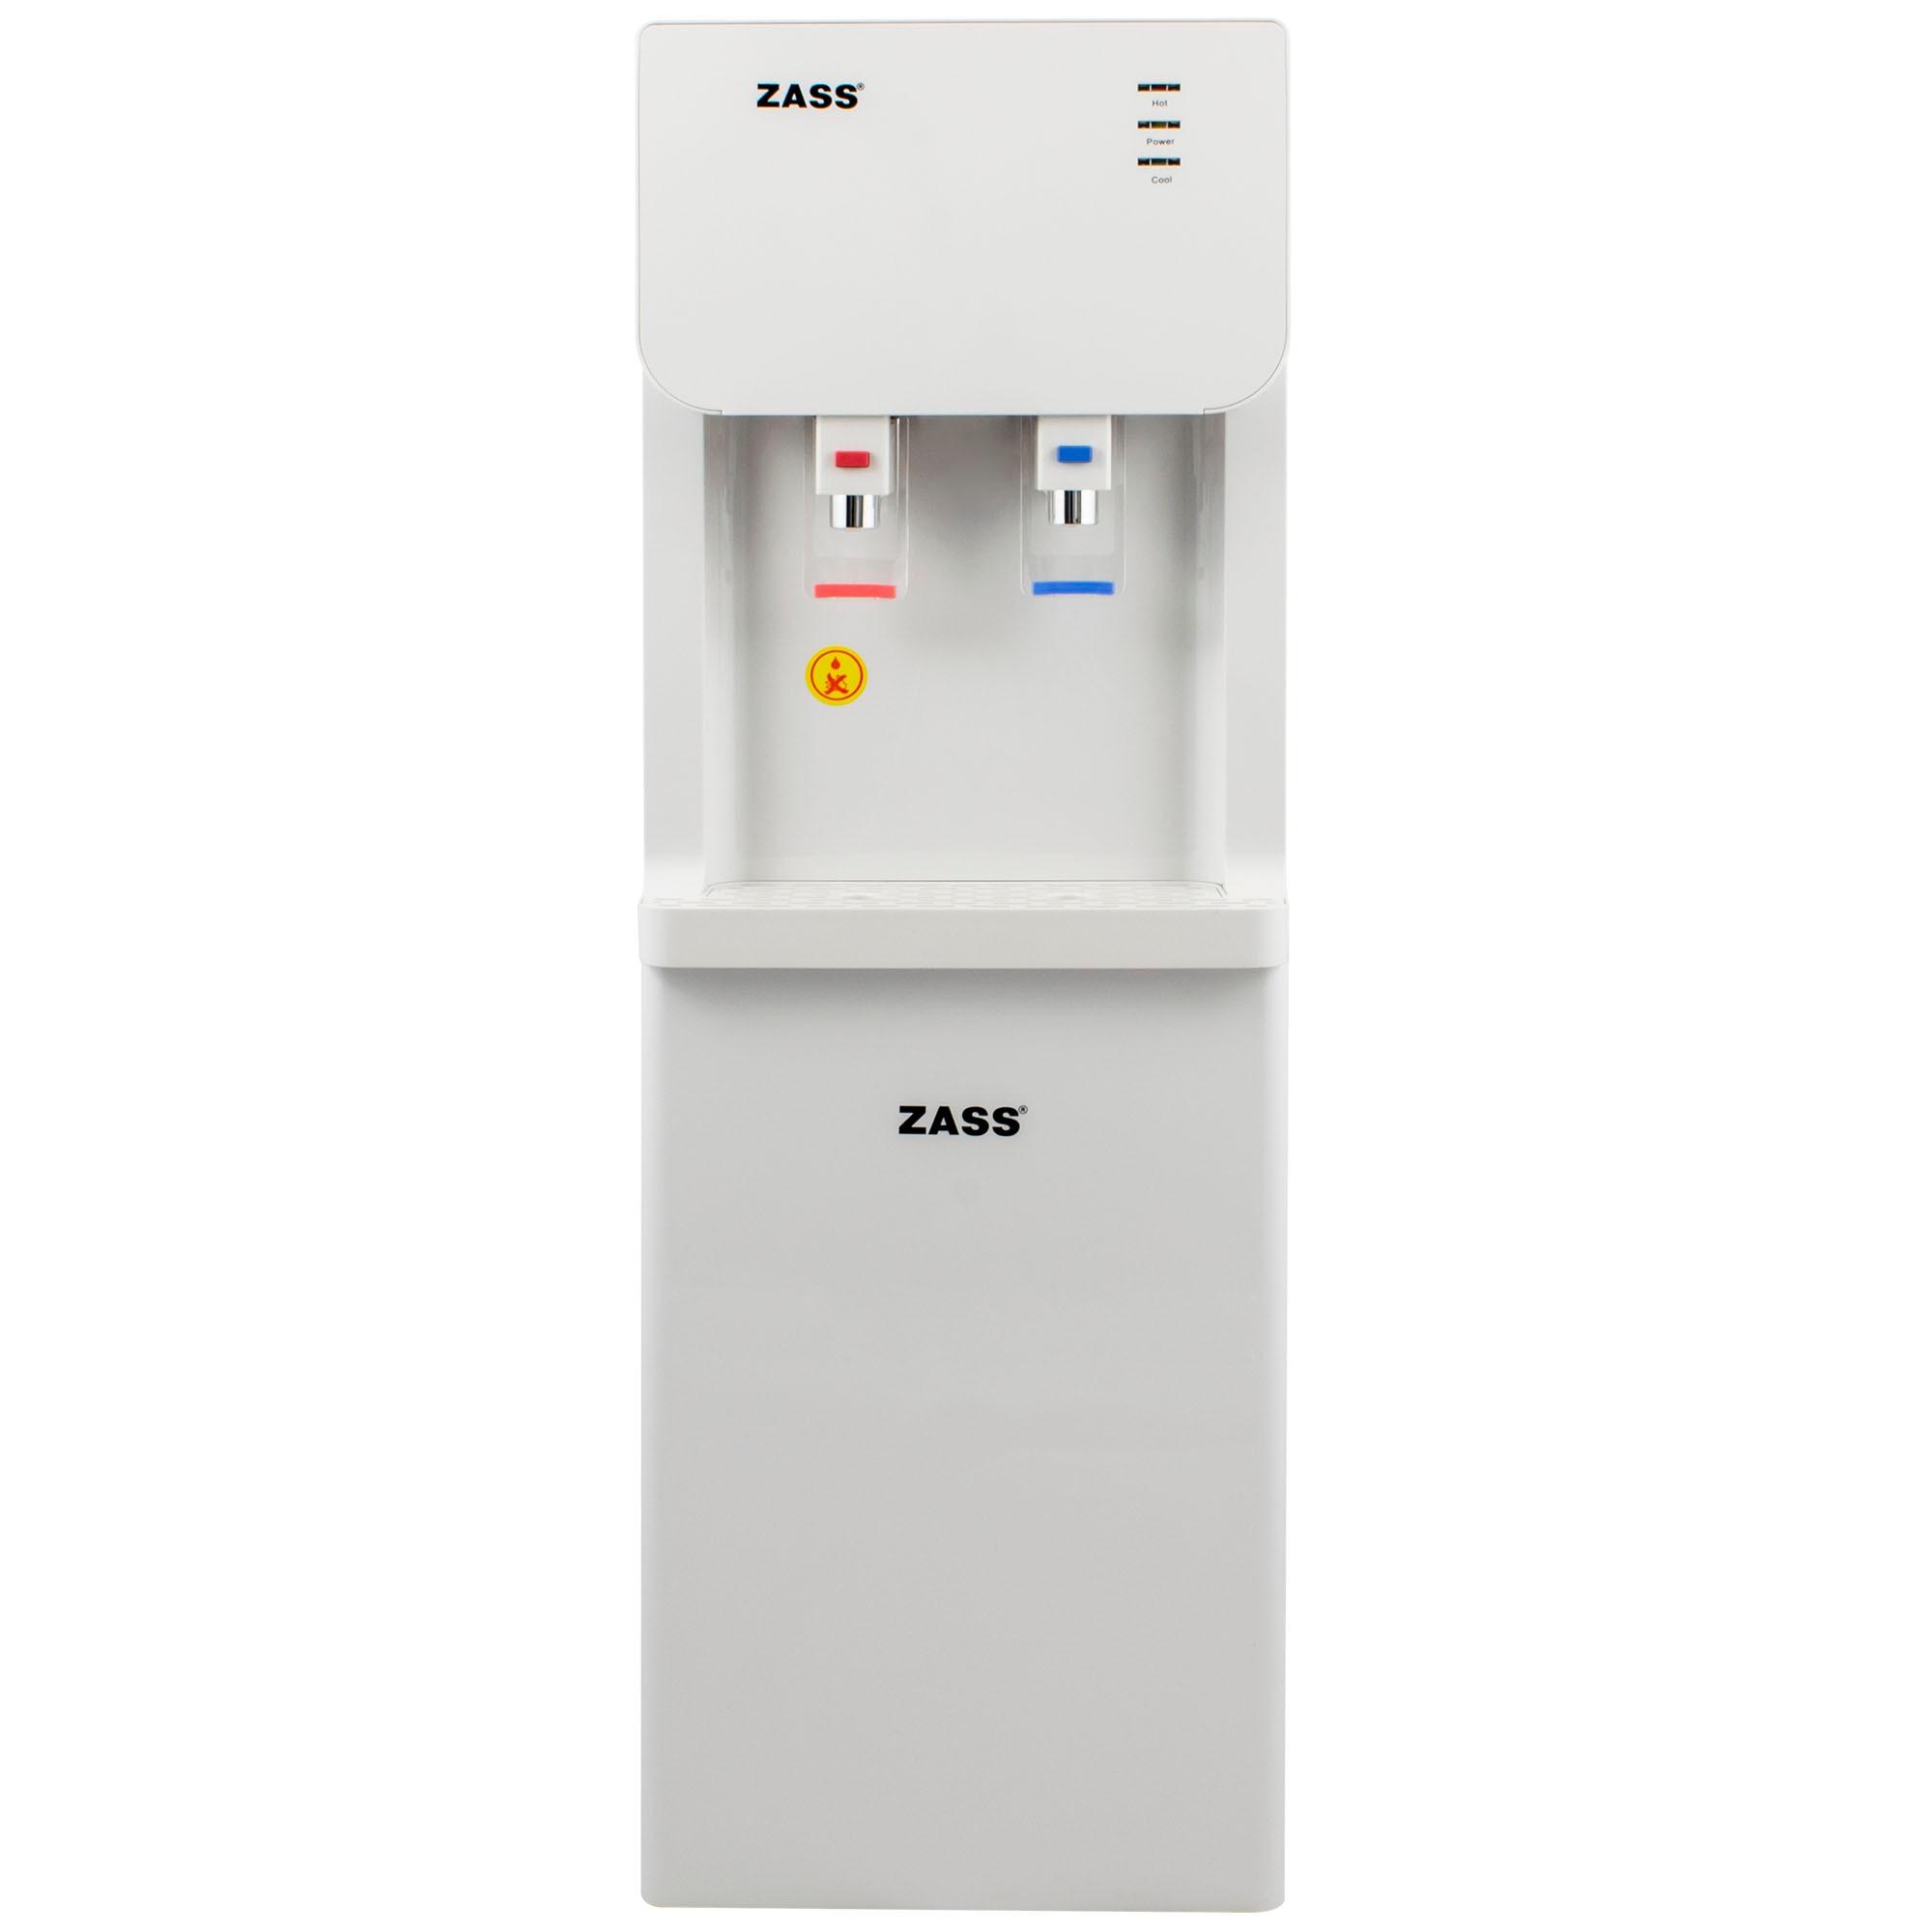 Fotografie Dozator apa de podea Zass ZWD 07 WF cu conexiune la retea, sistem de filtrare a apei, apa calda/apa rece, racire cu compresor